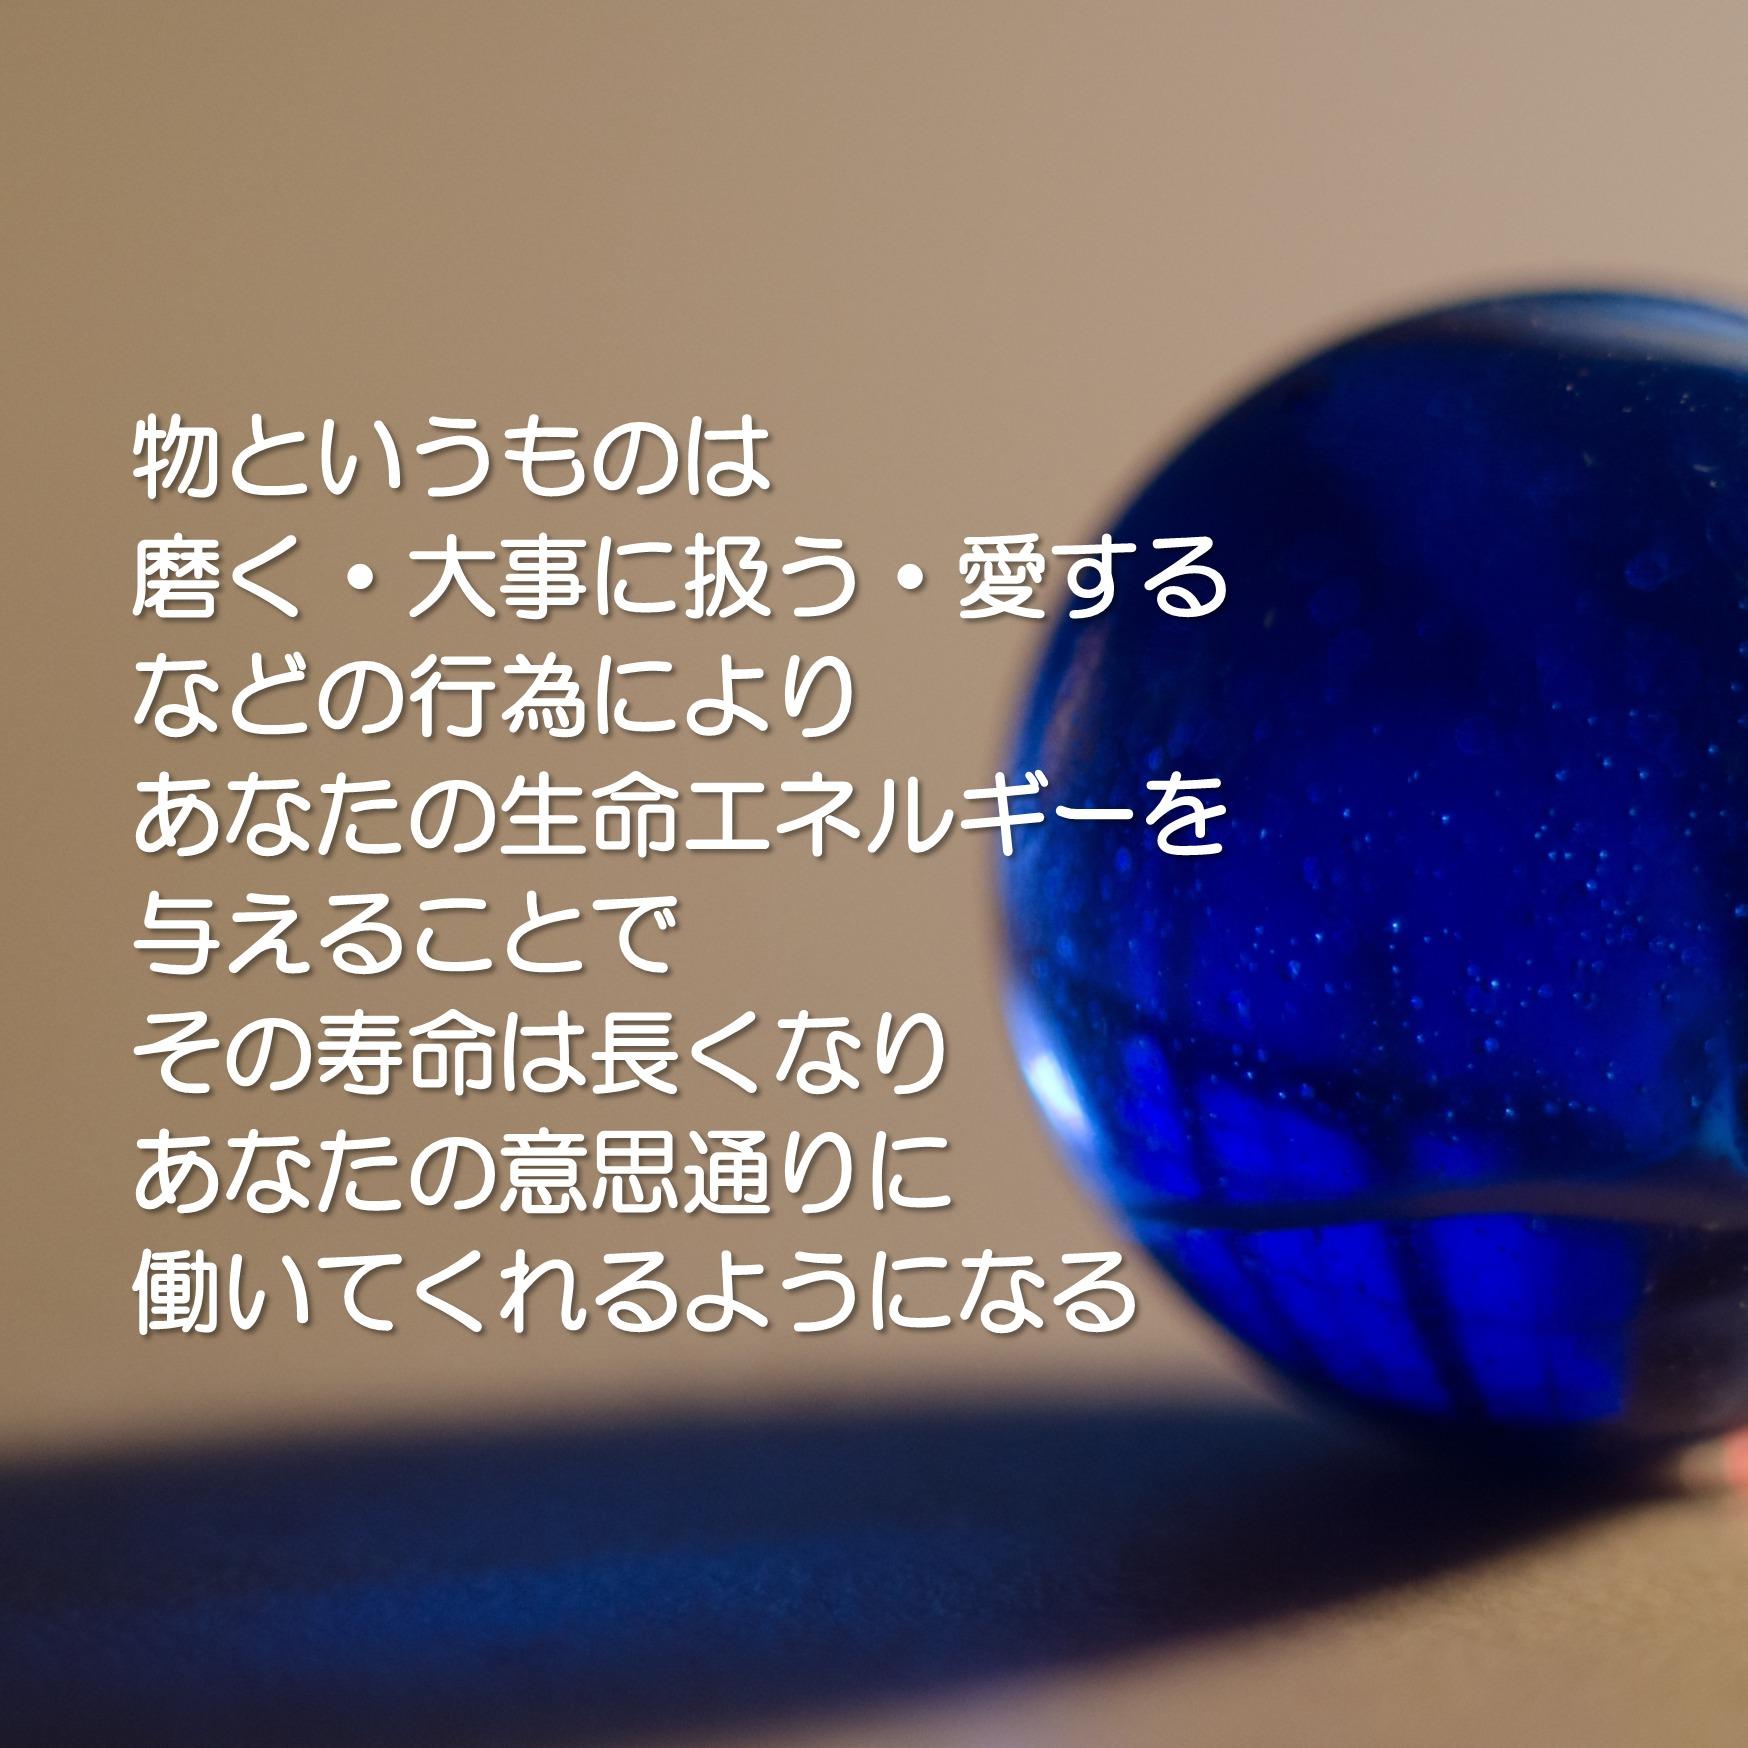 一言集No.9